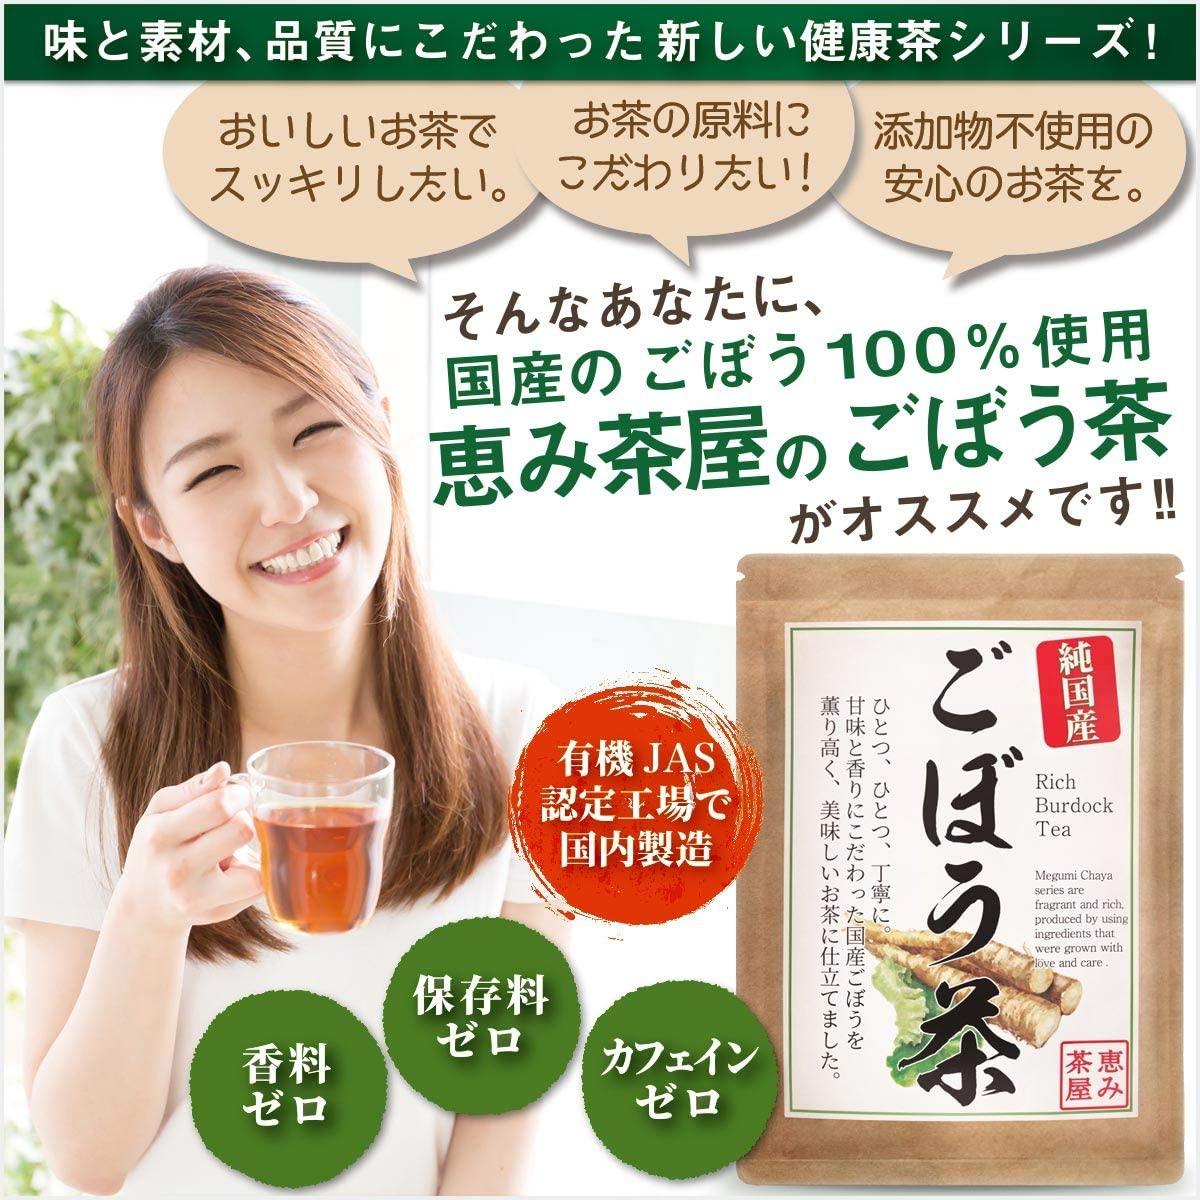 恵み茶屋 国産ごぼう茶の商品画像2